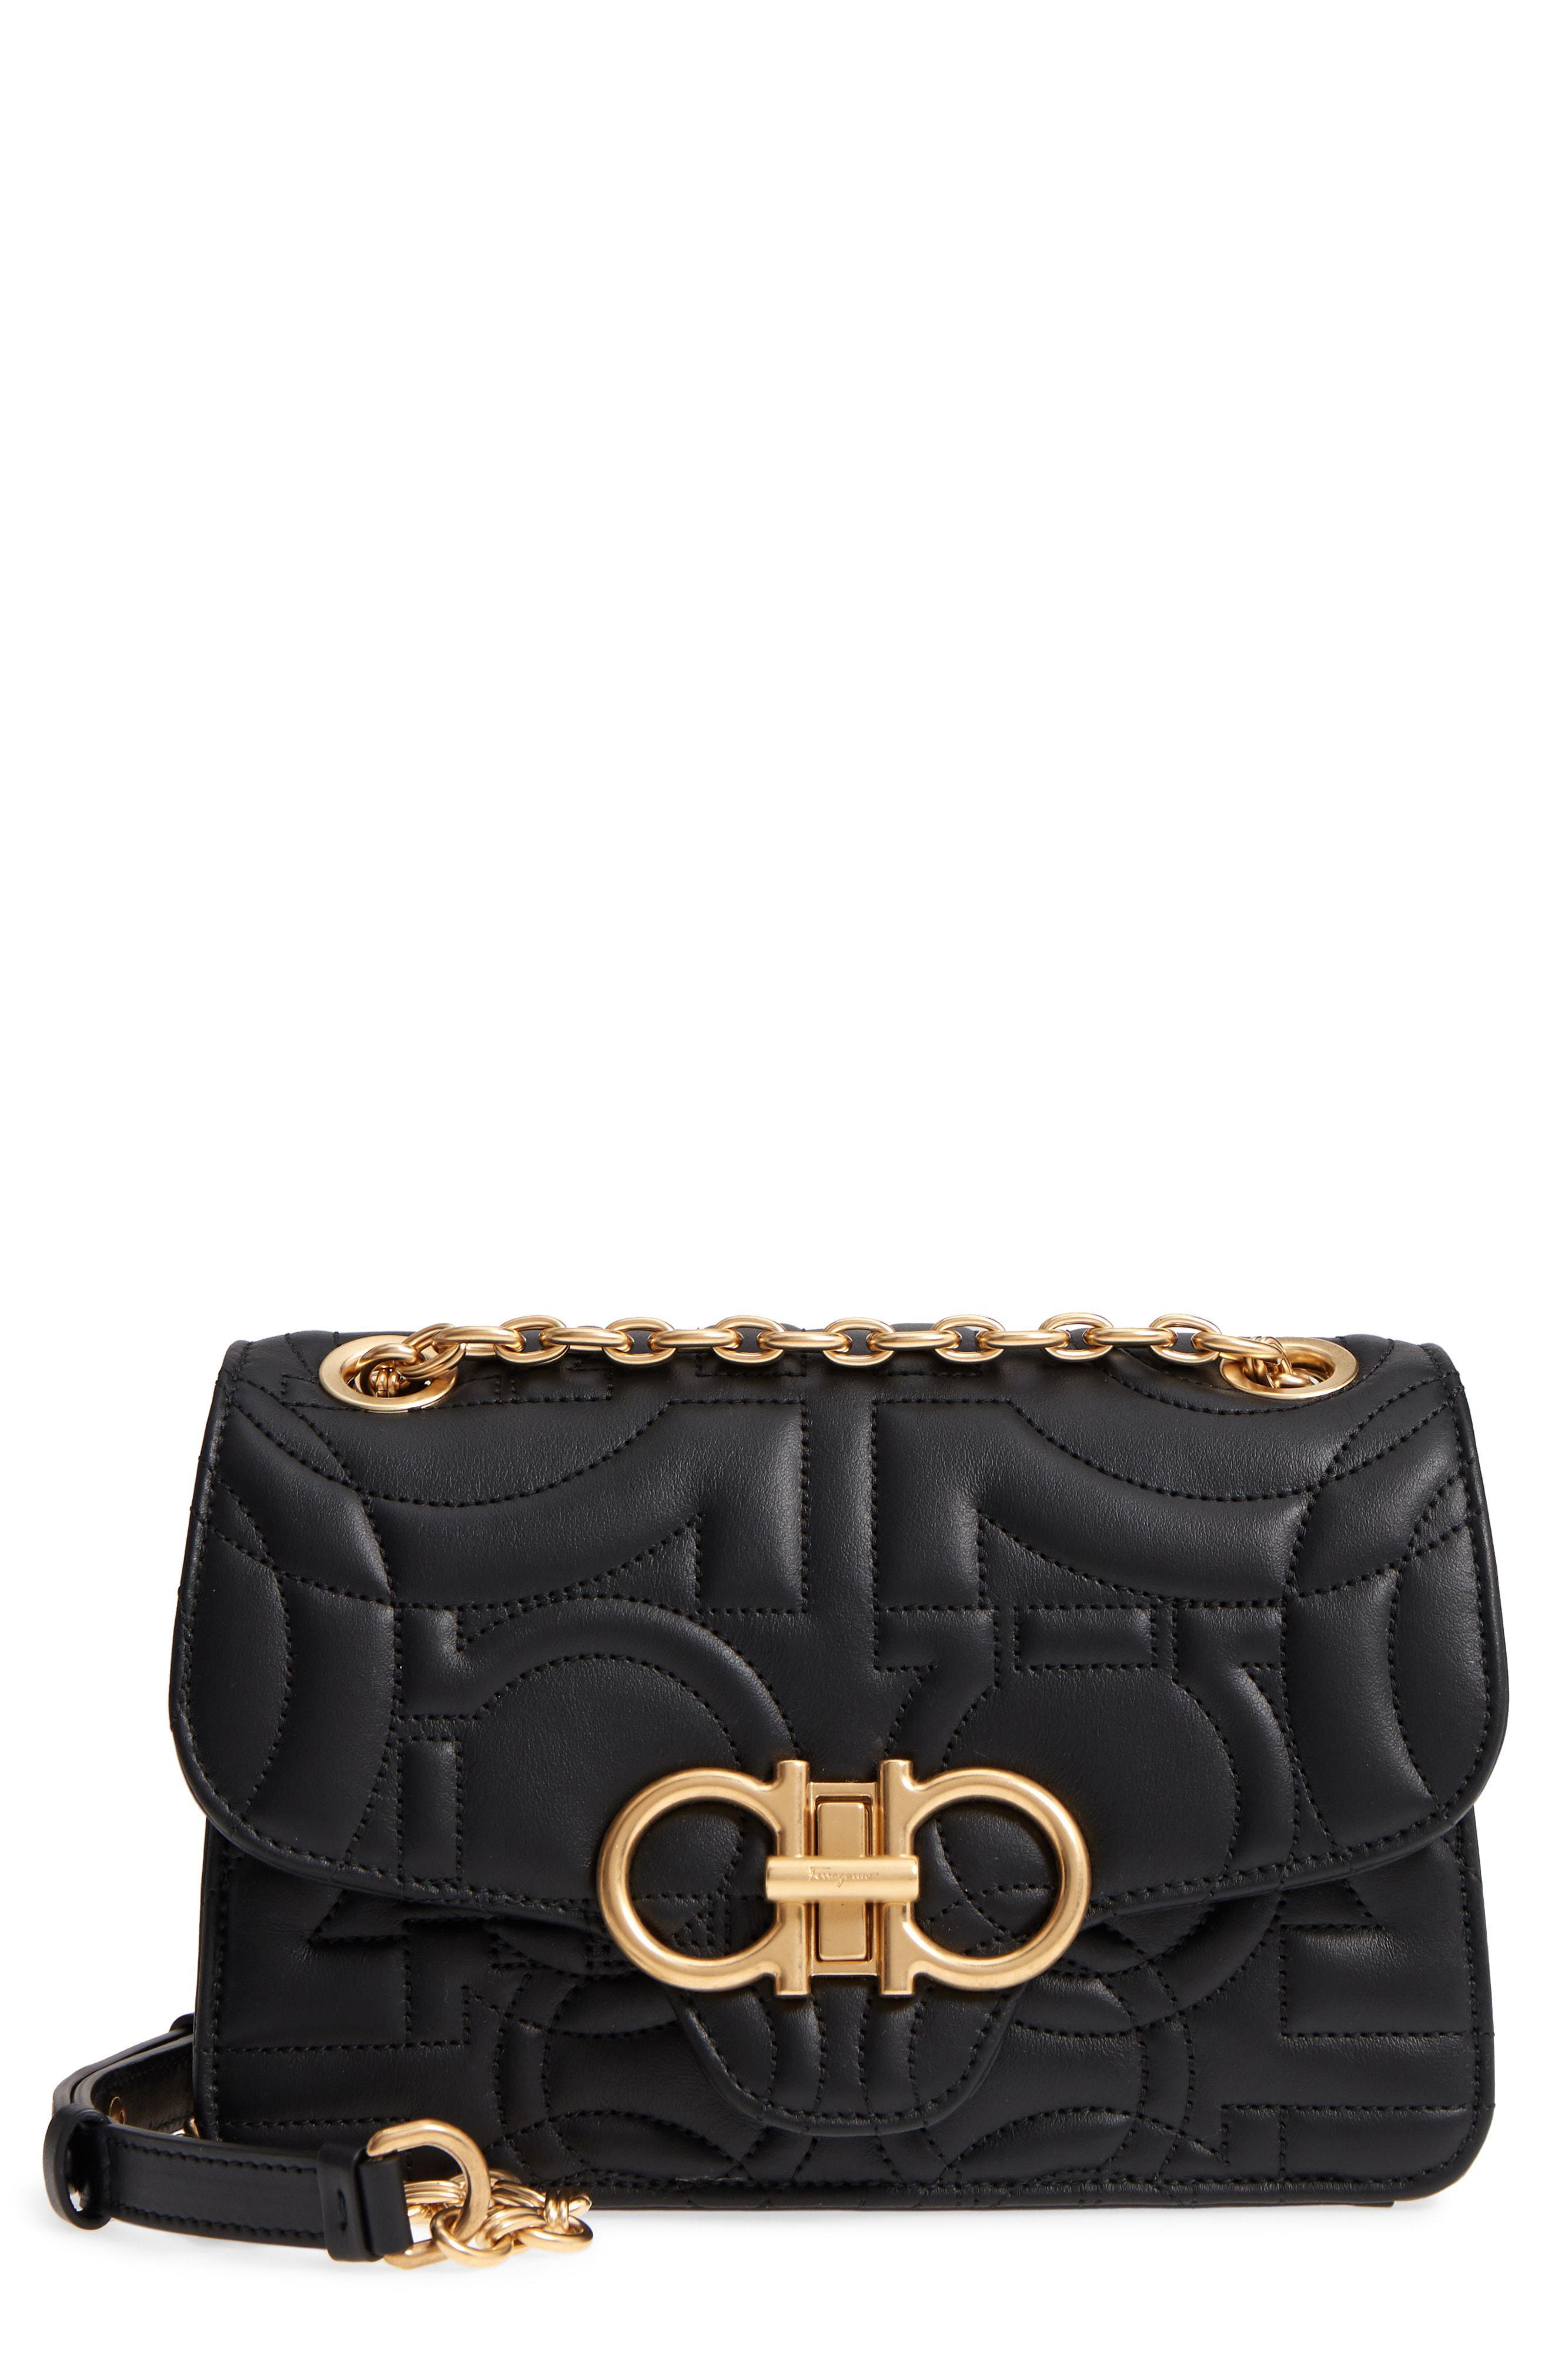 Lyst - Ferragamo Quilted Gancio Leather Shoulder Bag in Black d78a18dbeaf45